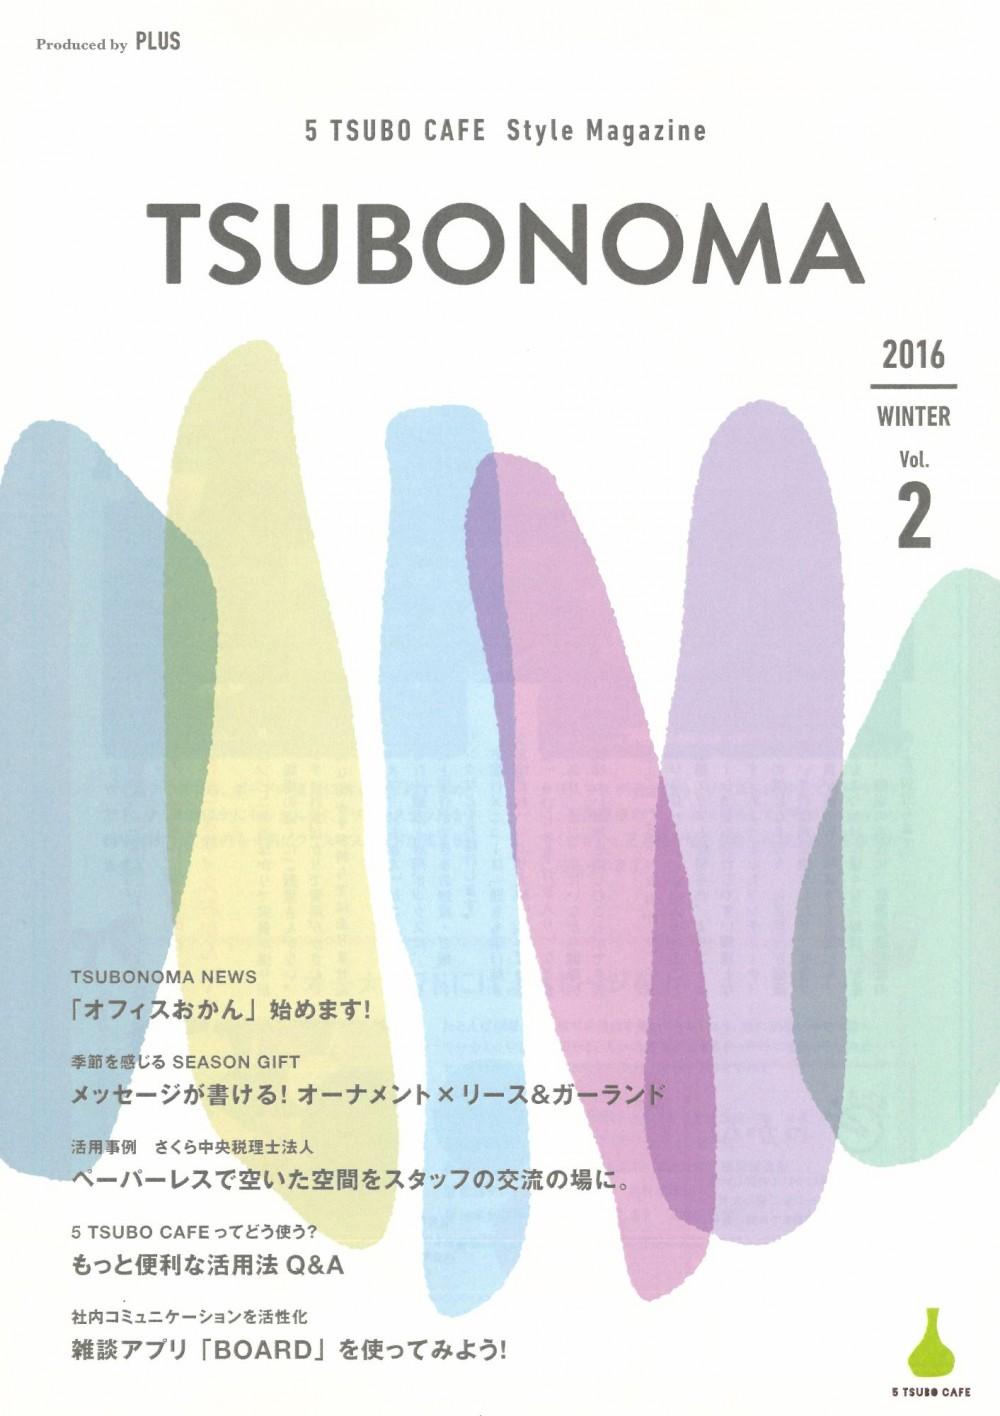 取材報告@TSUBONOMA プラス株式会社